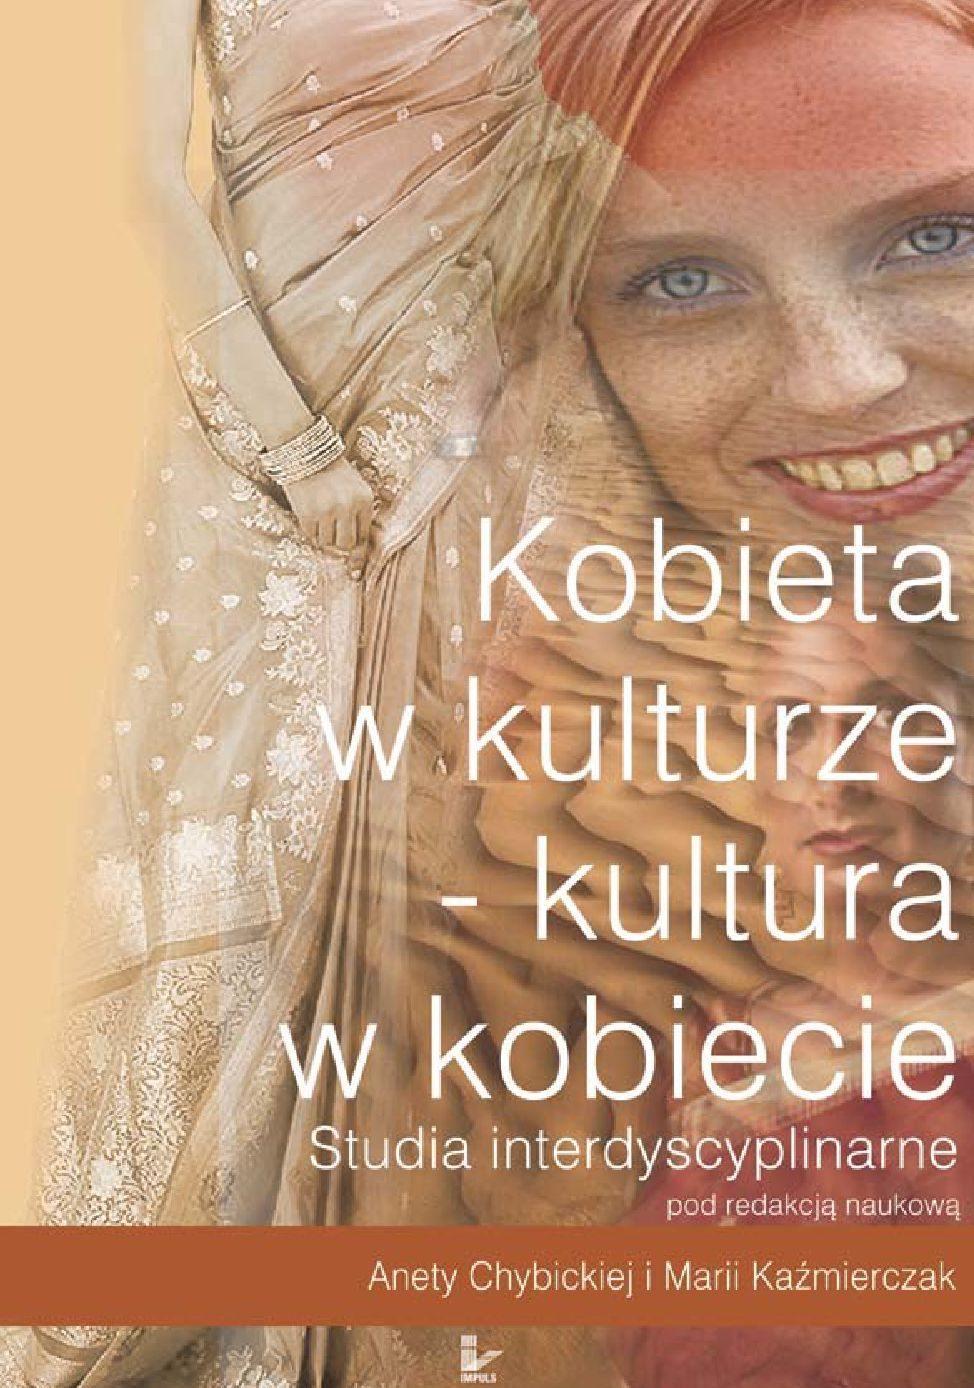 Kobieta w kulturze - kultura w kobiecie - Ebook (Książka EPUB) do pobrania w formacie EPUB